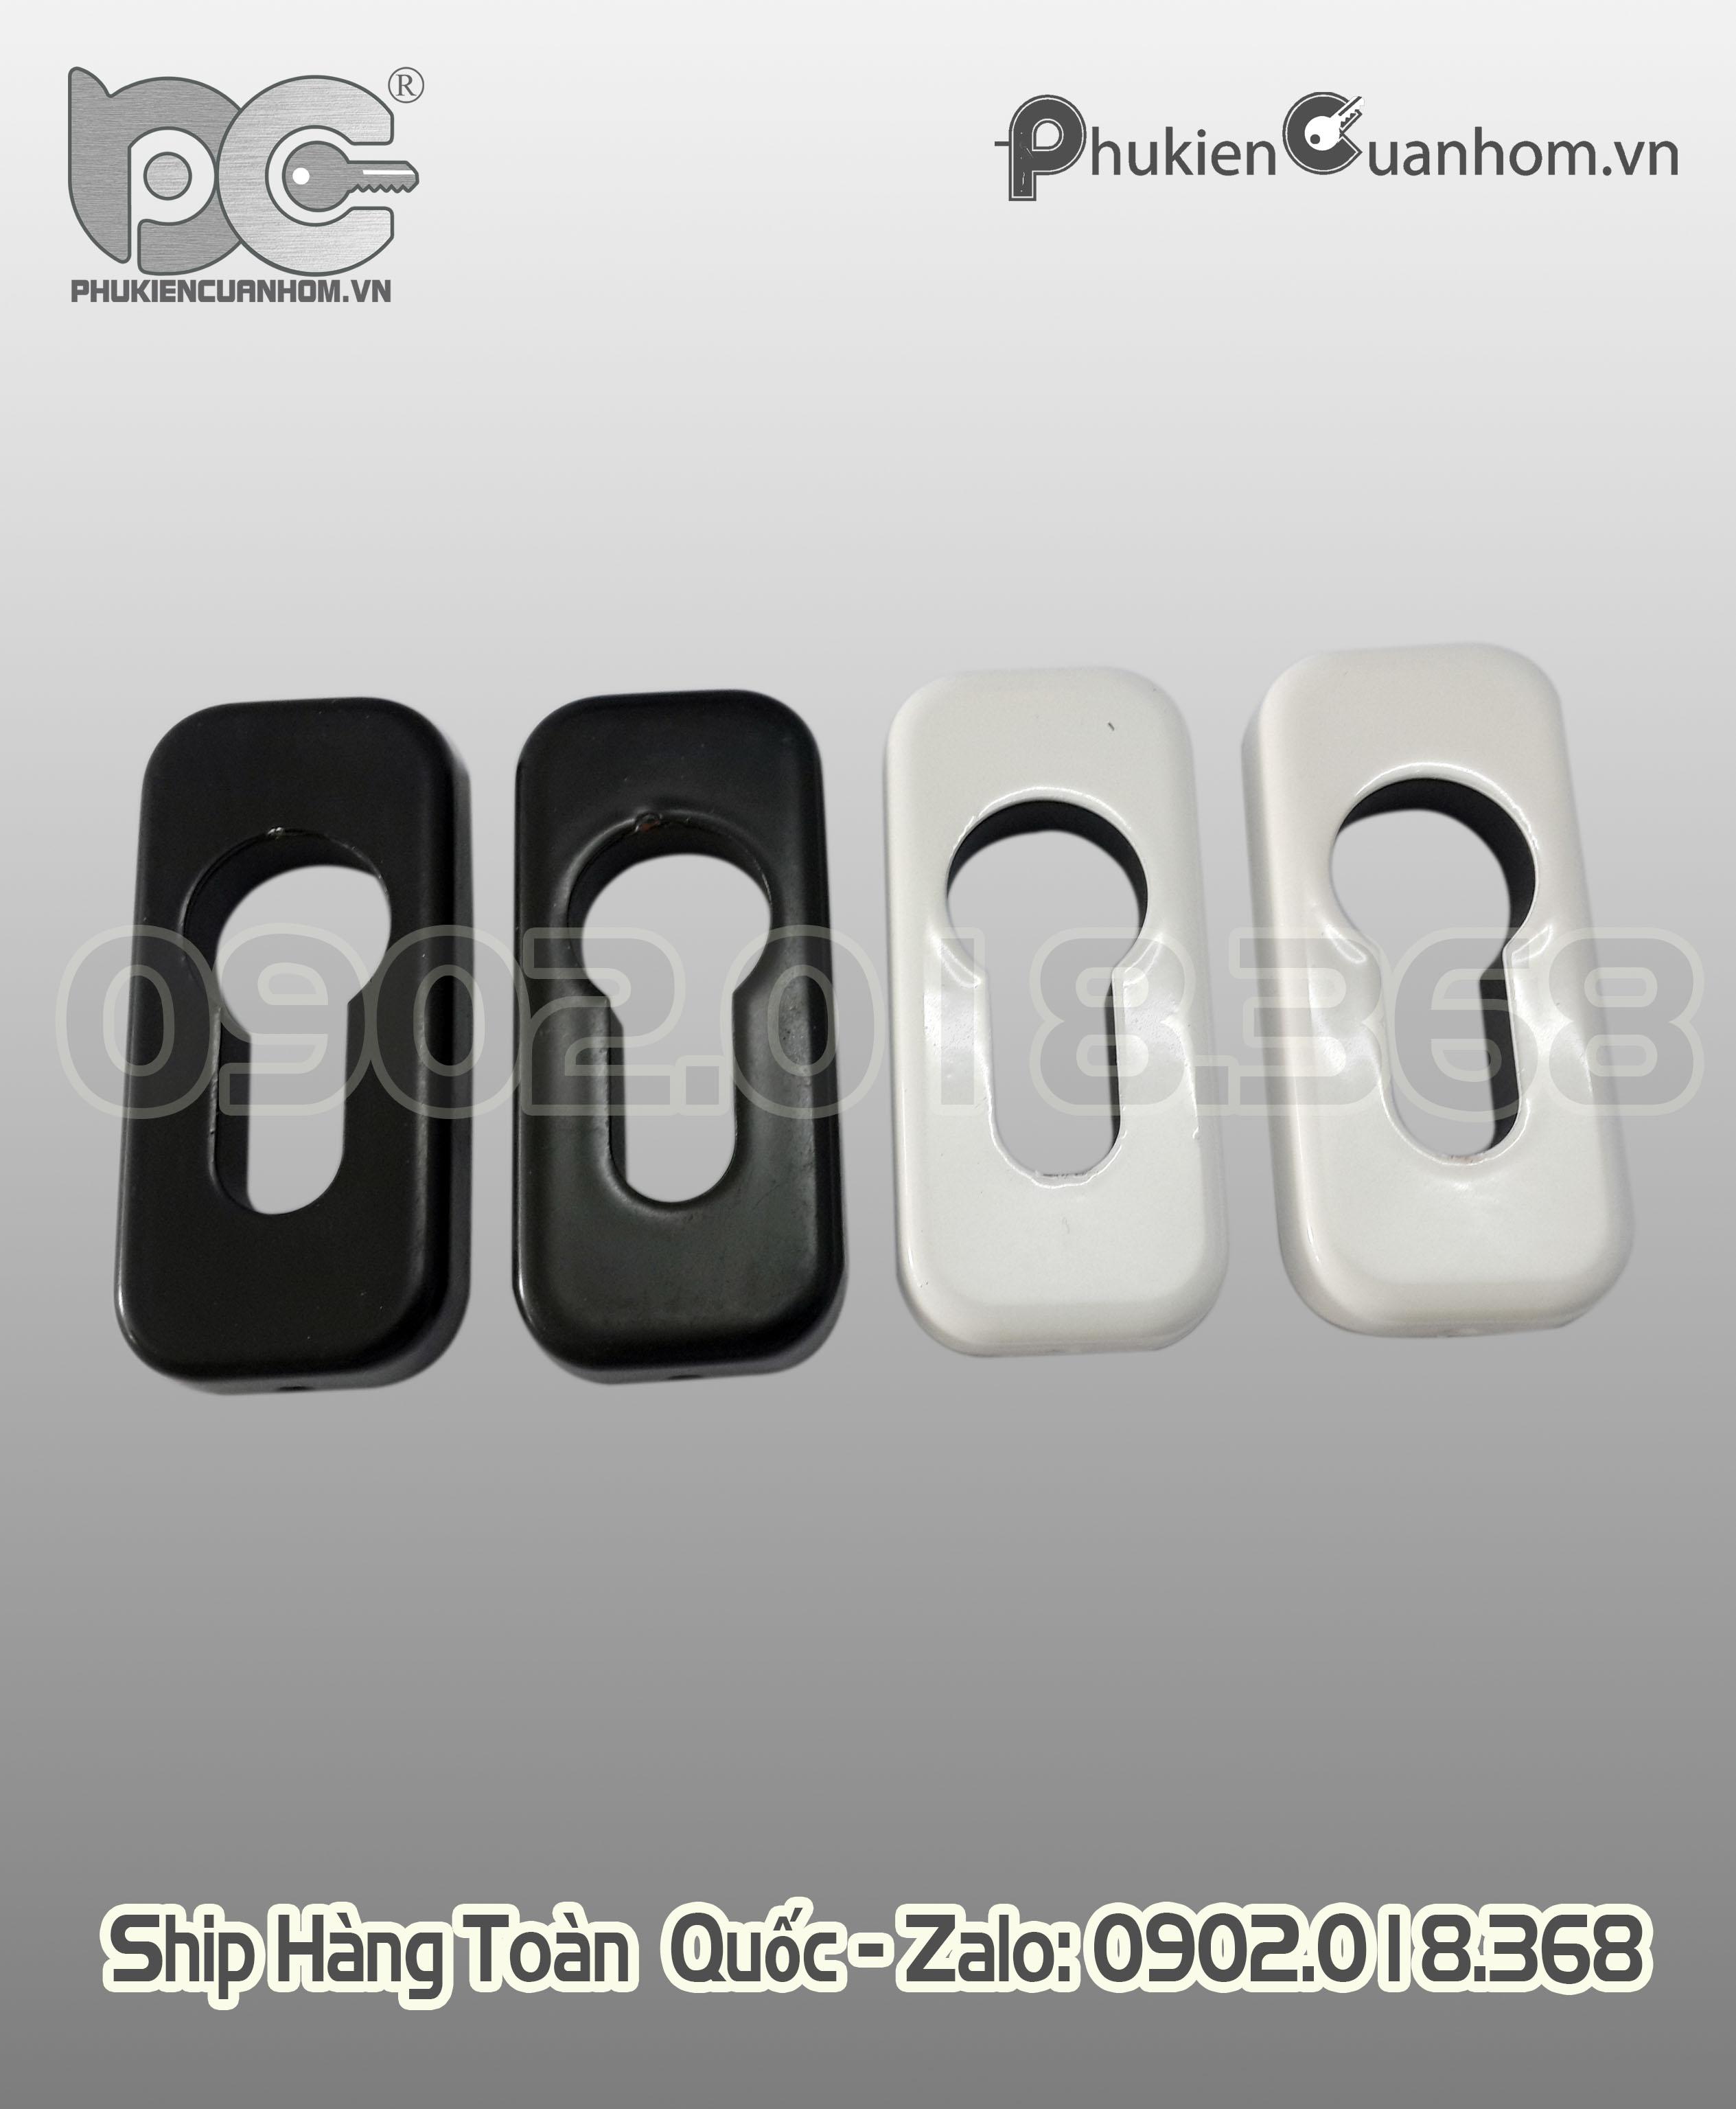 Nắp chụp lõi khóa đa điểm có chìa cửa lùa nhôm Xingfa hệ 93 và 55 - MZS60-SH